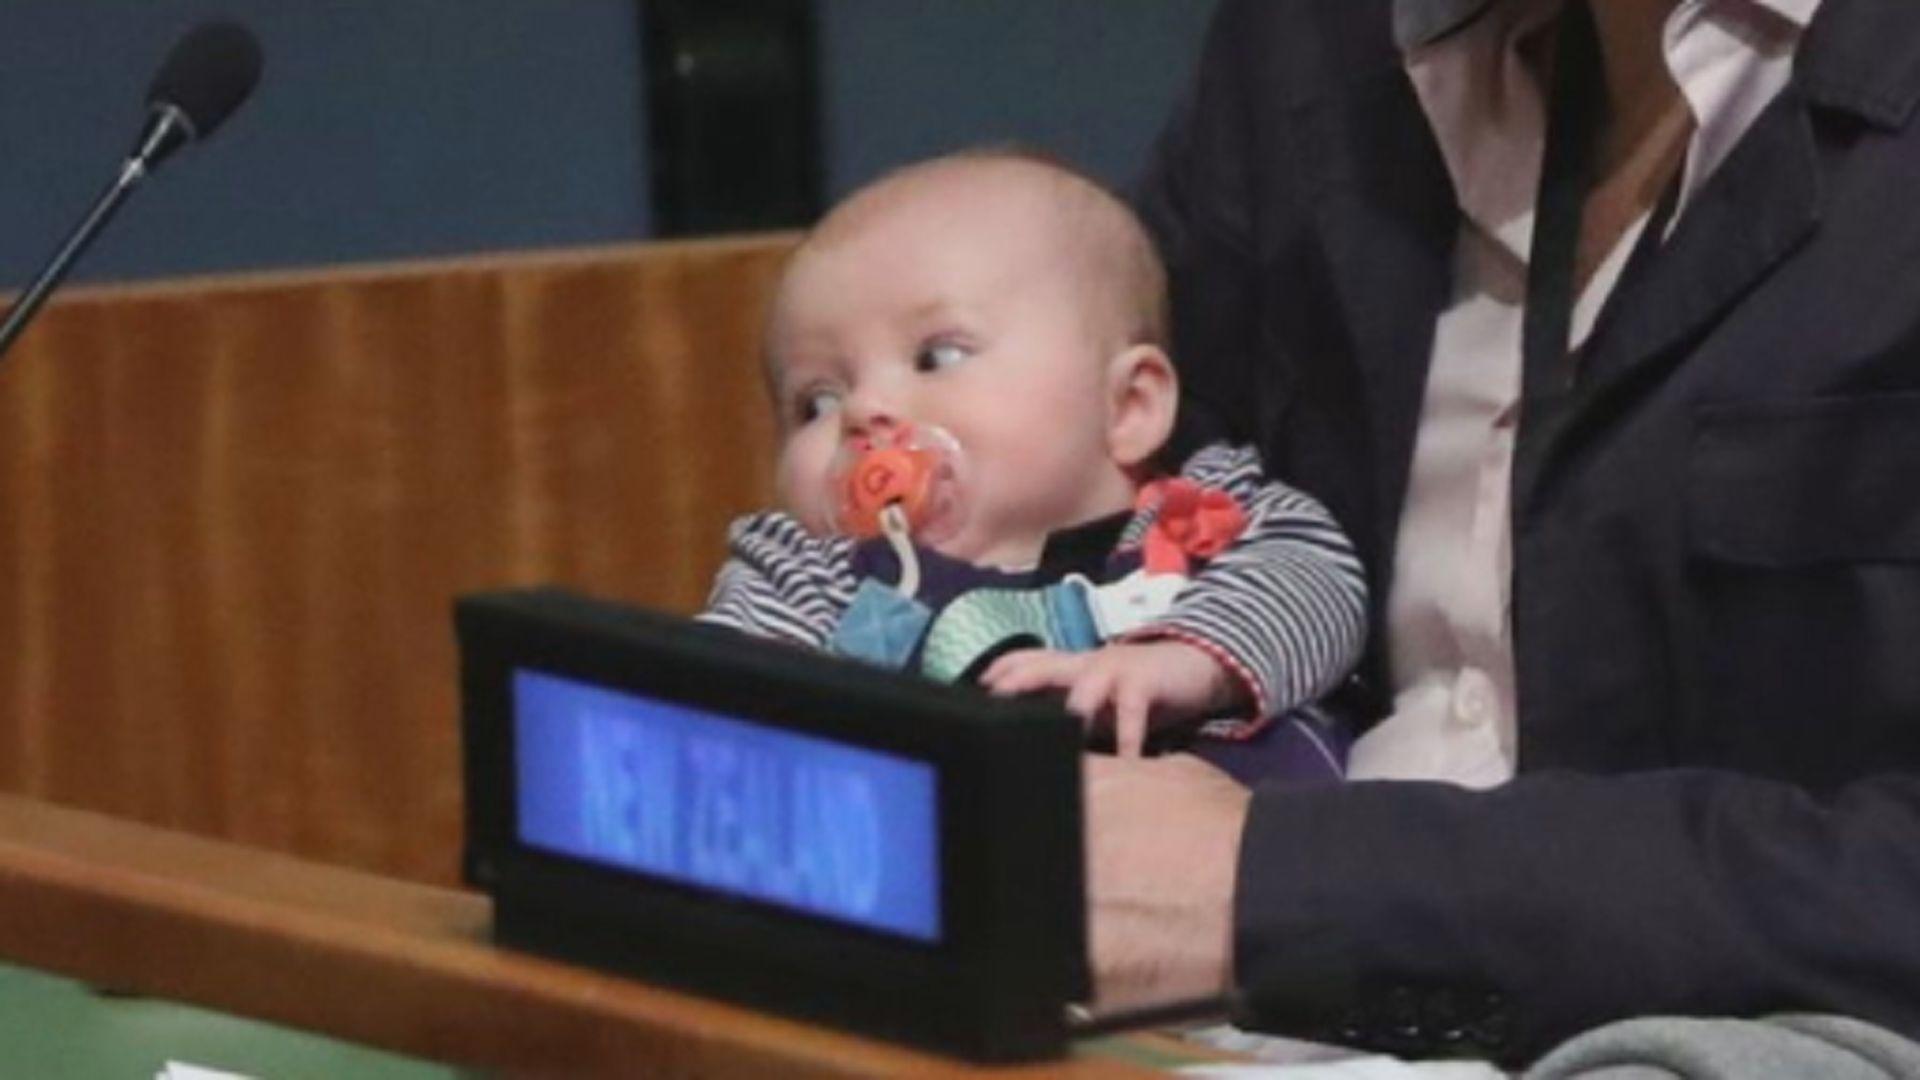 【環球薈報】新西蘭總理帶女兒出席聯合國大會